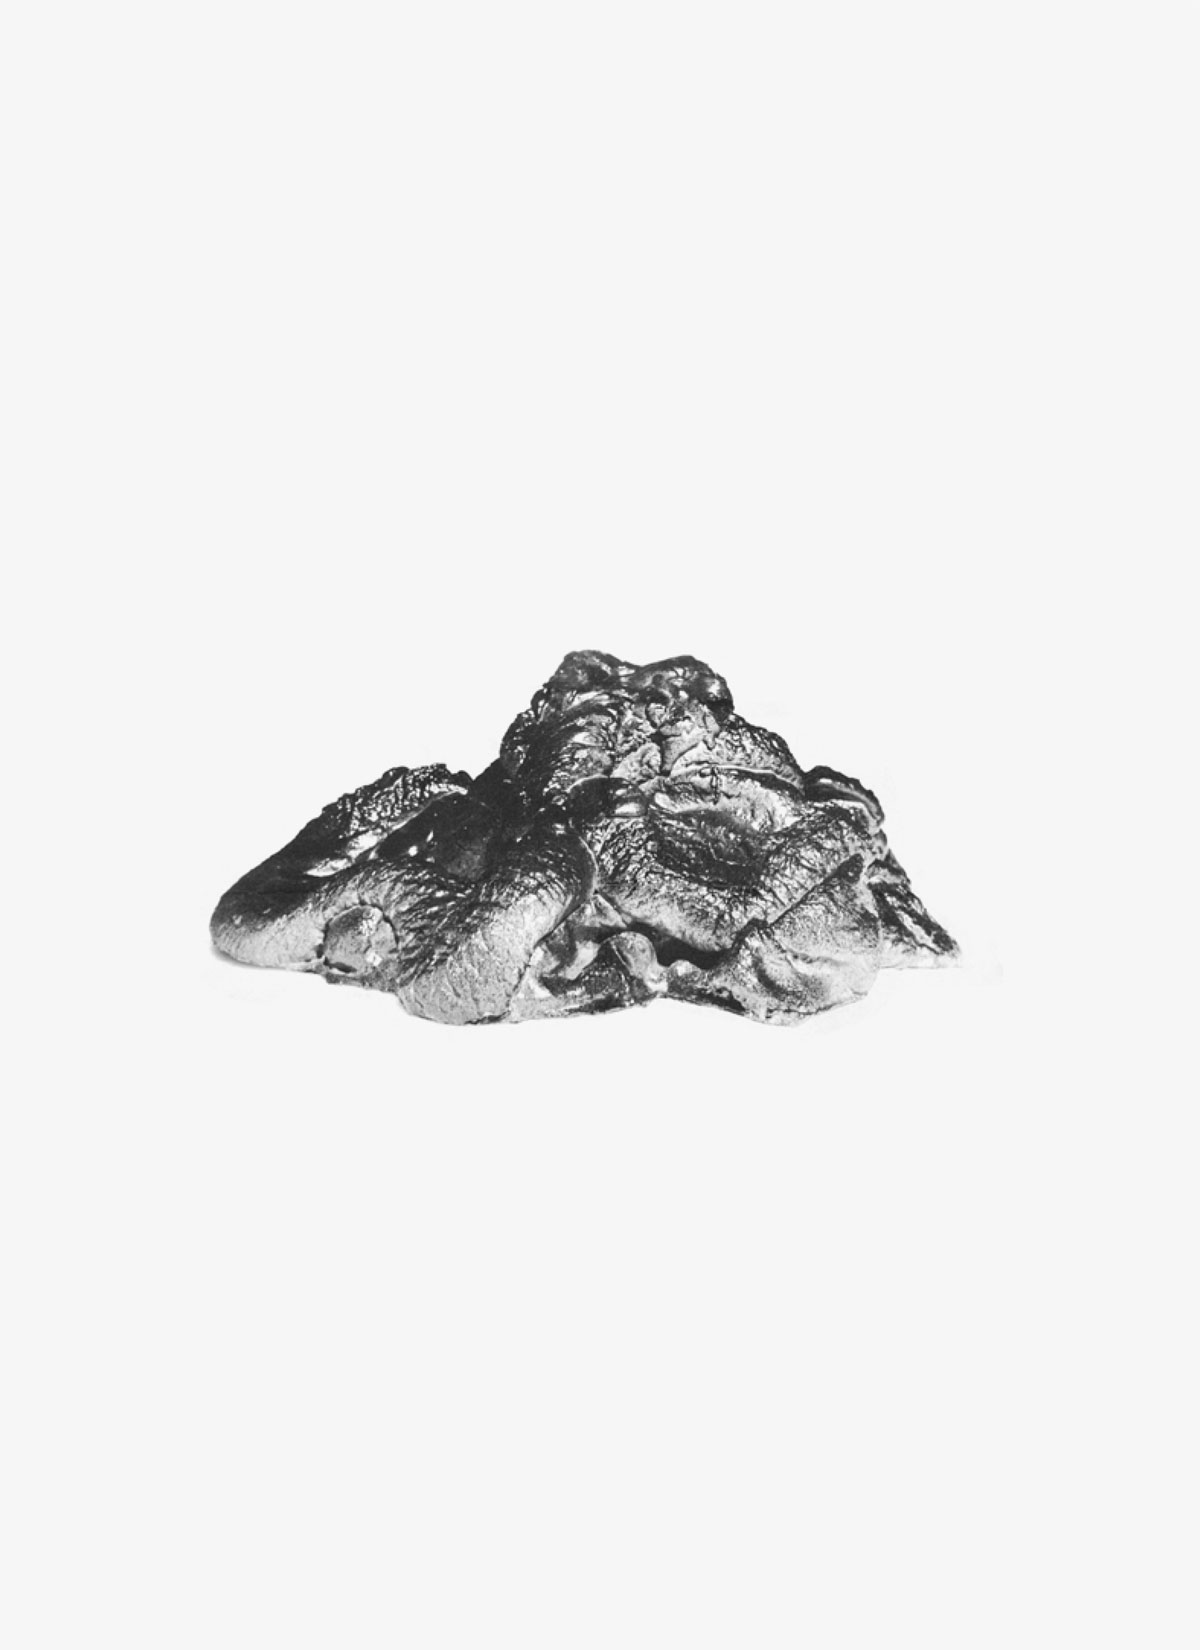 Catalog for Shit and Doom NO!art, 2019, 19 September – 3 November 2019, London, UK